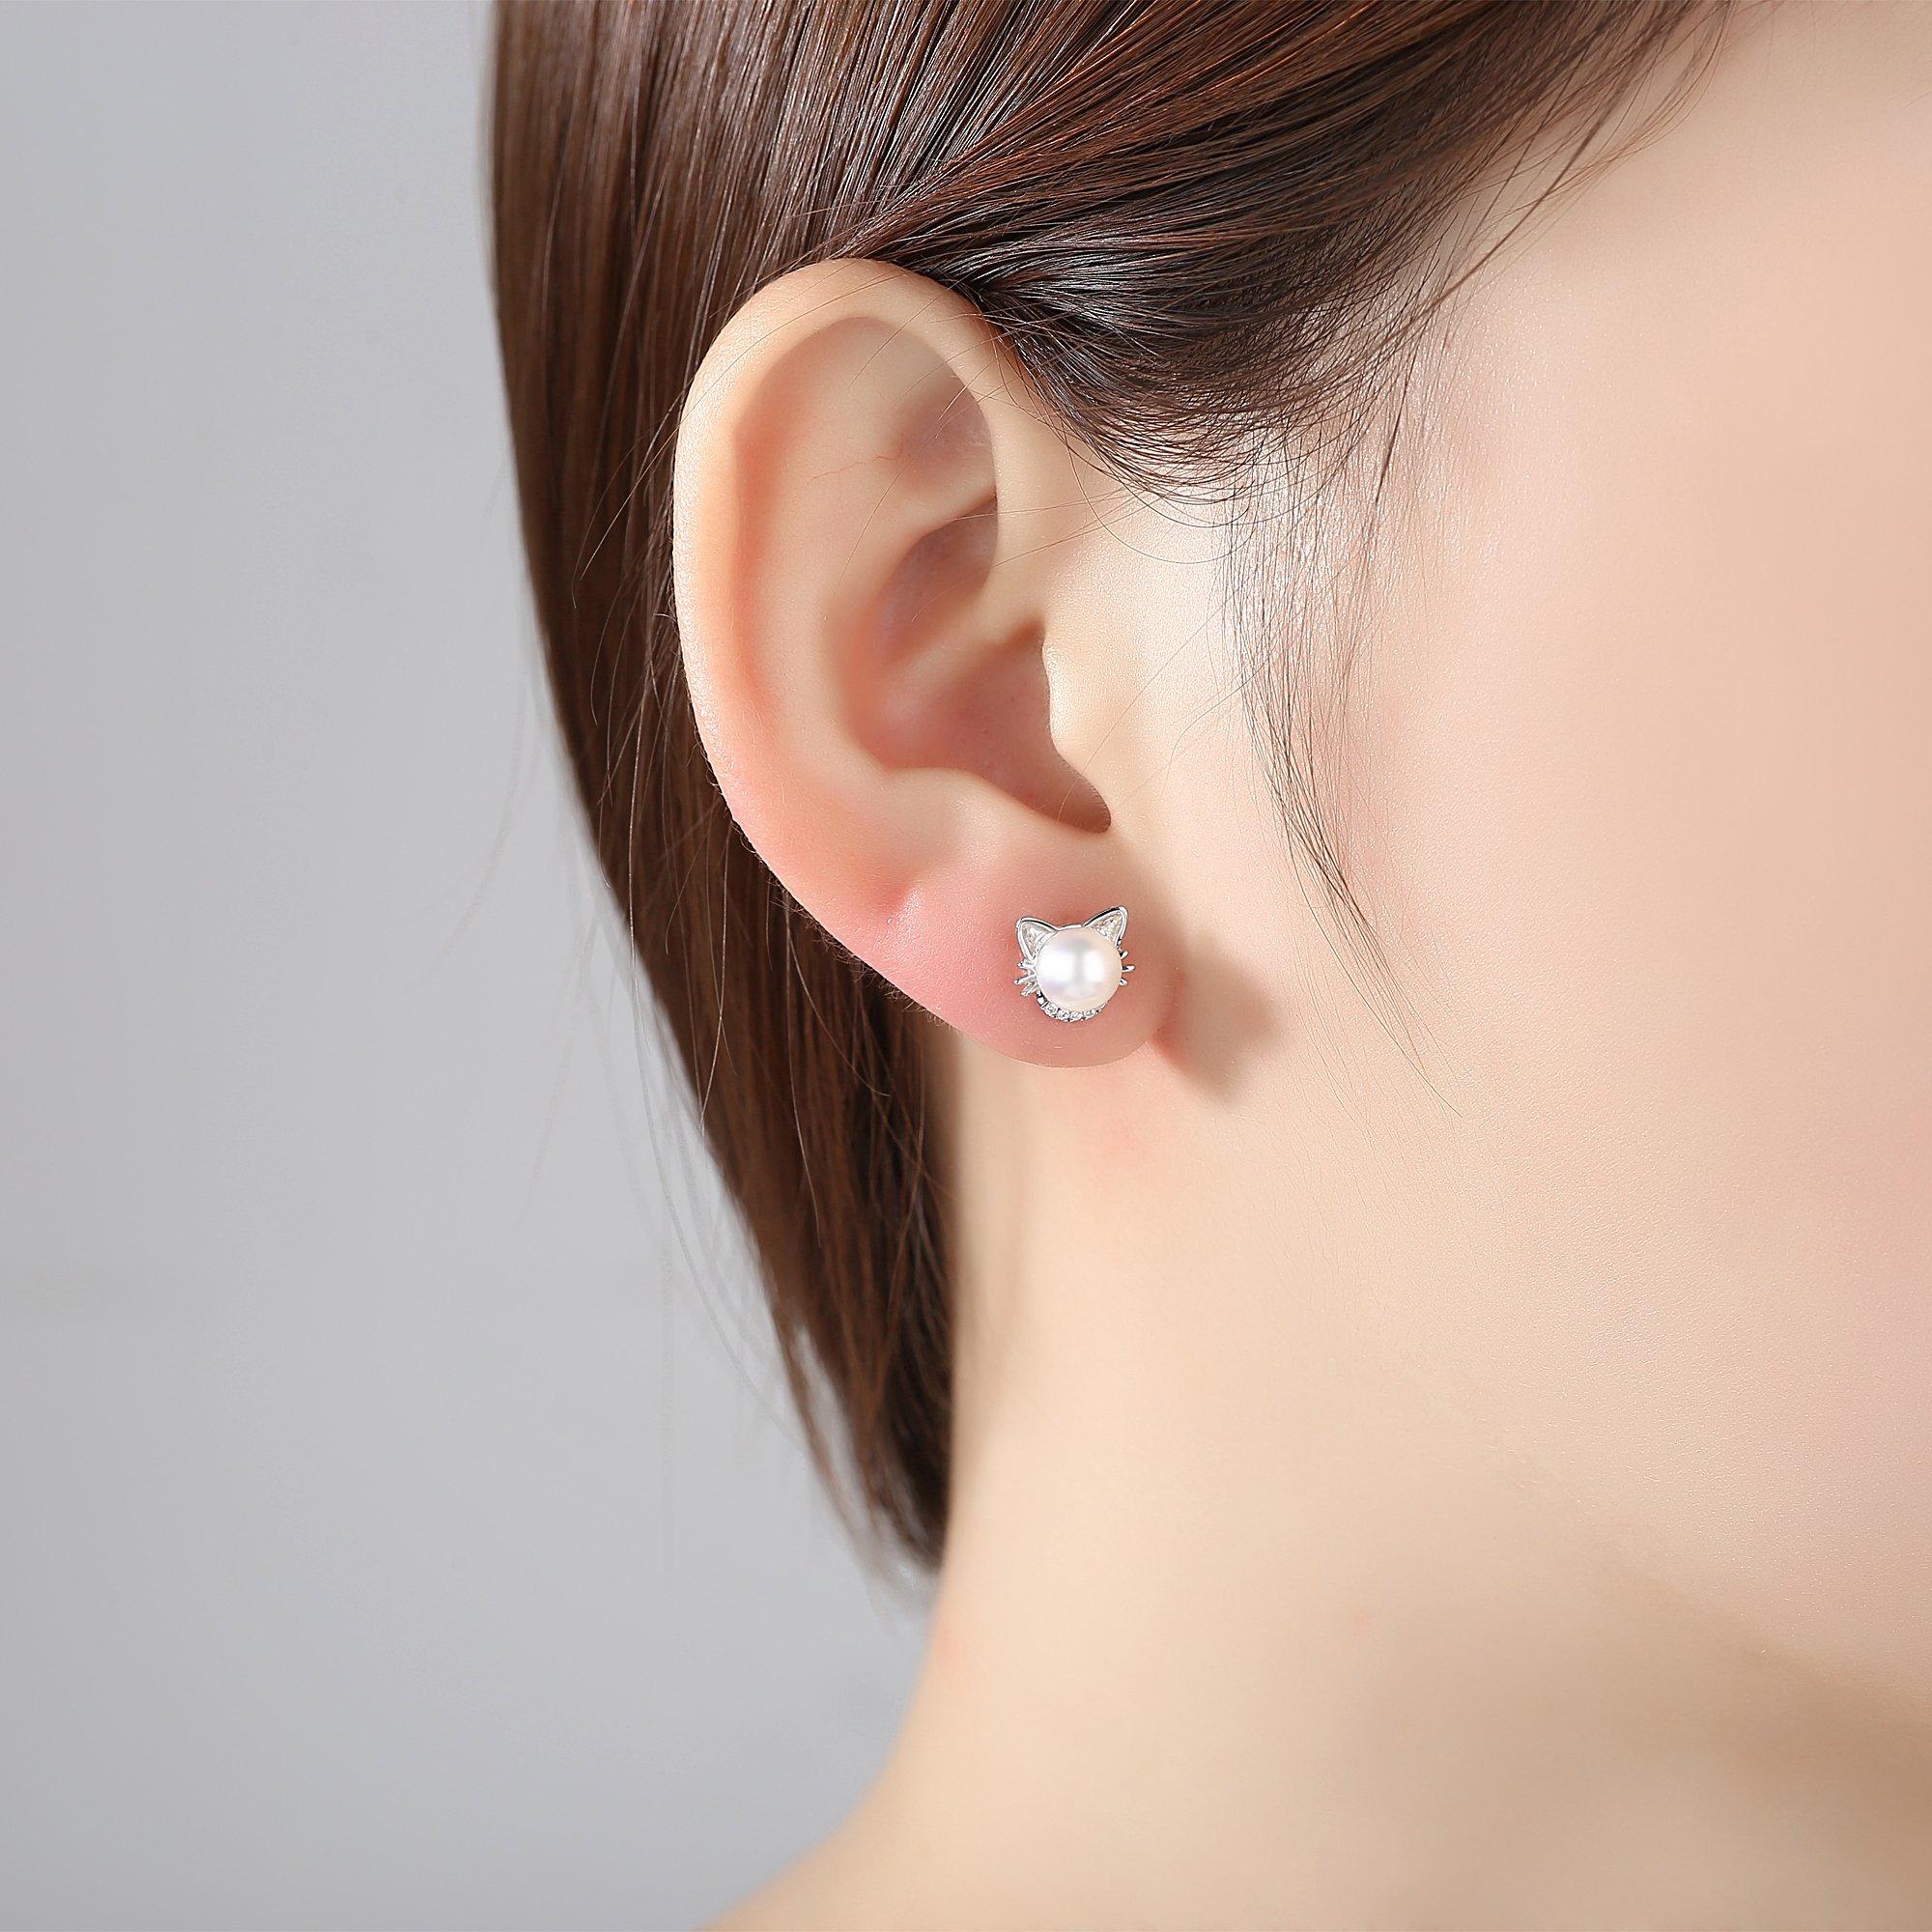 Sterling Silber Katze Perlenohrringe,Süßwasser Kultiviert Perle Ohrringe,Weiß Zirkonia Ohrstecker für frauen,mädchen